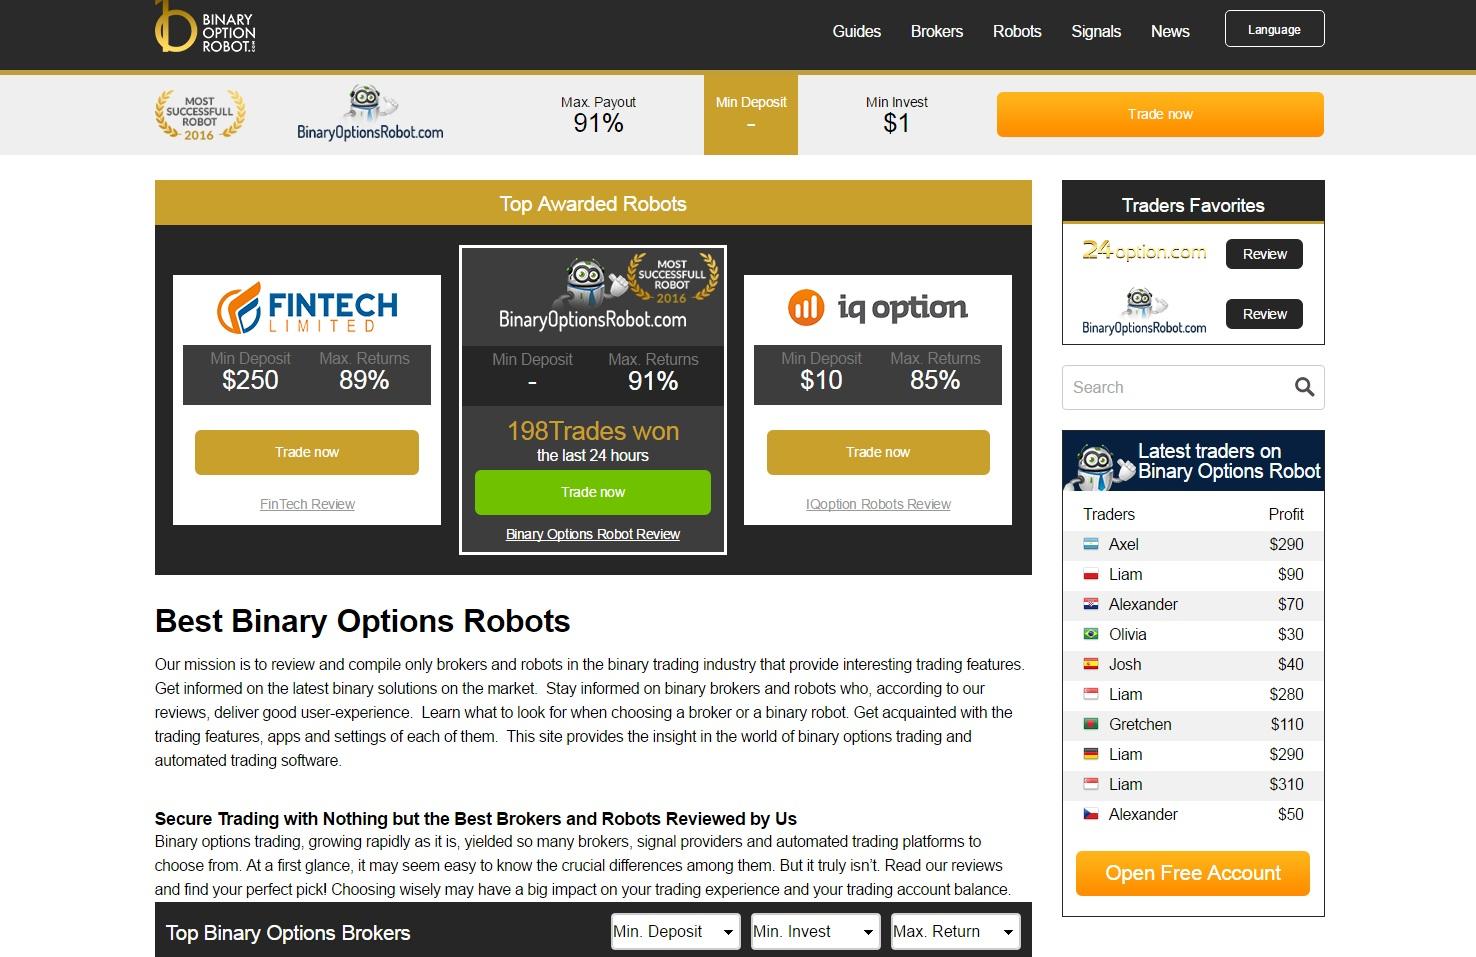 robot pentru binomo cu opțiuni binare recenzii despre metoda de a câștiga bani pe opțiuni binare